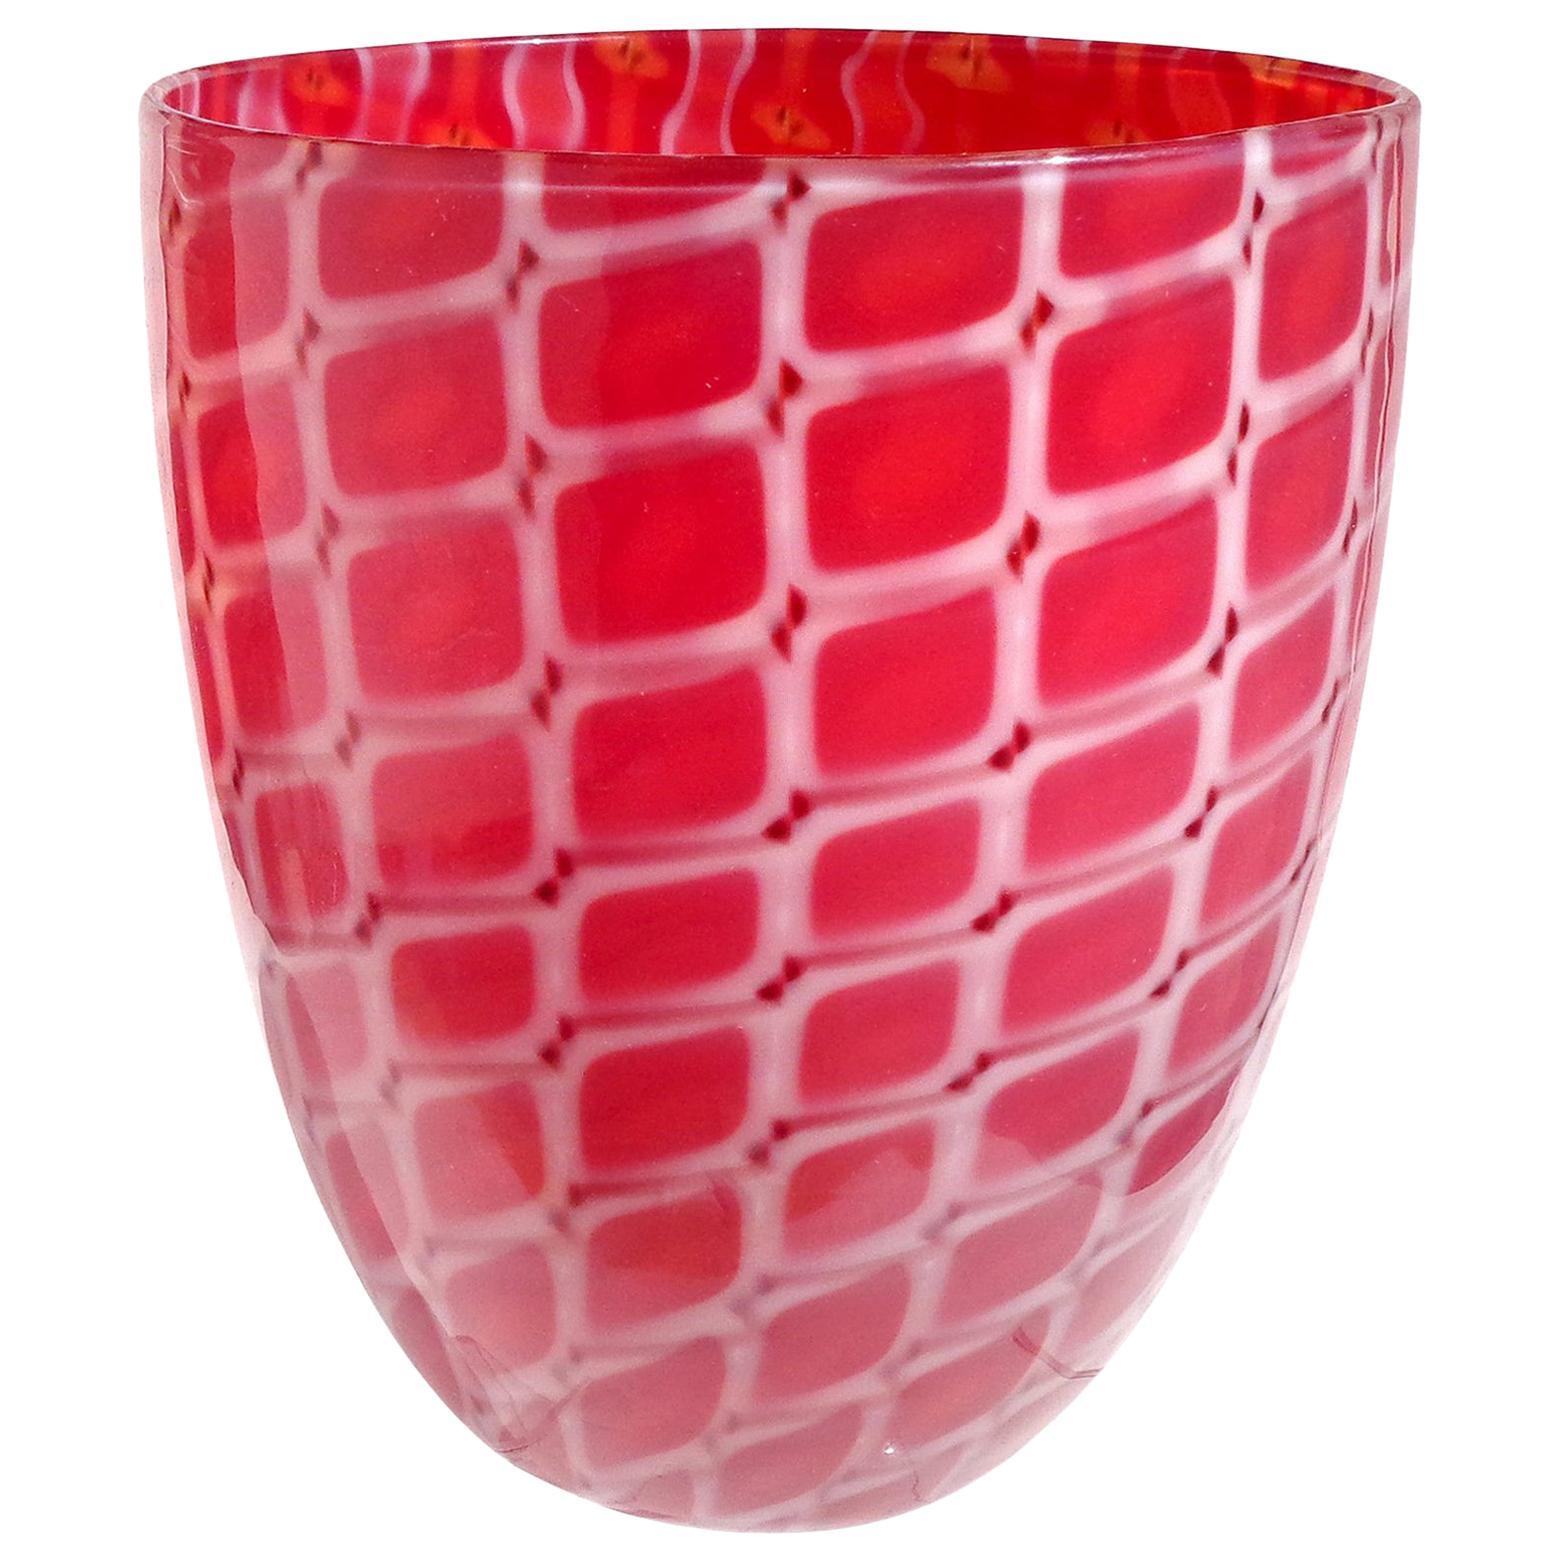 Archimede Seguso Murano 1952 Red White Opal Italian Art Glass Flower Vase